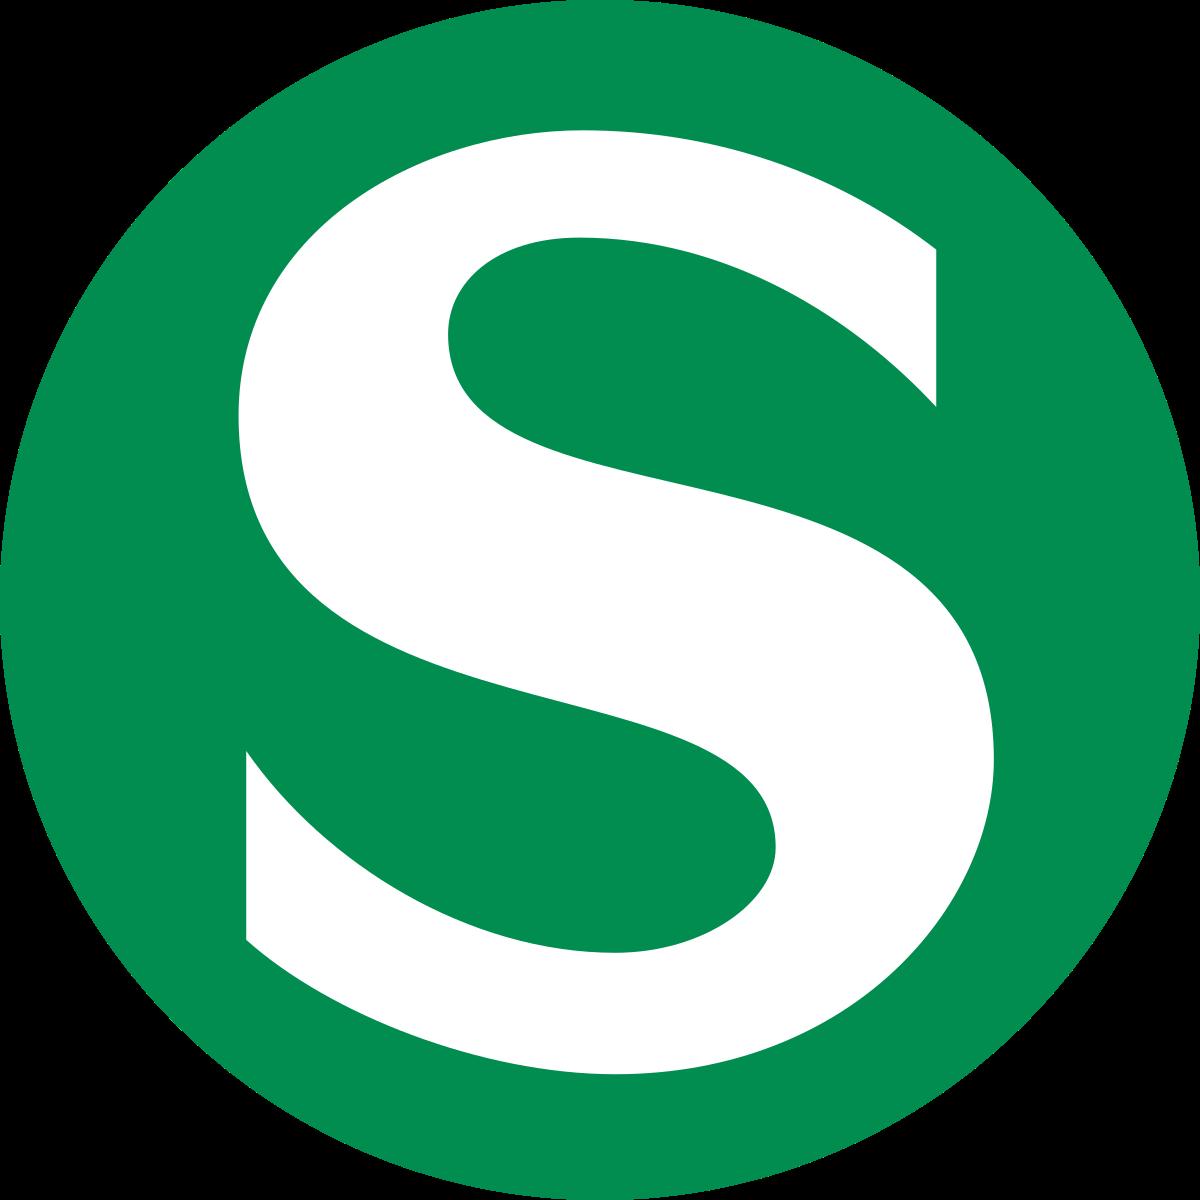 sbahn logo